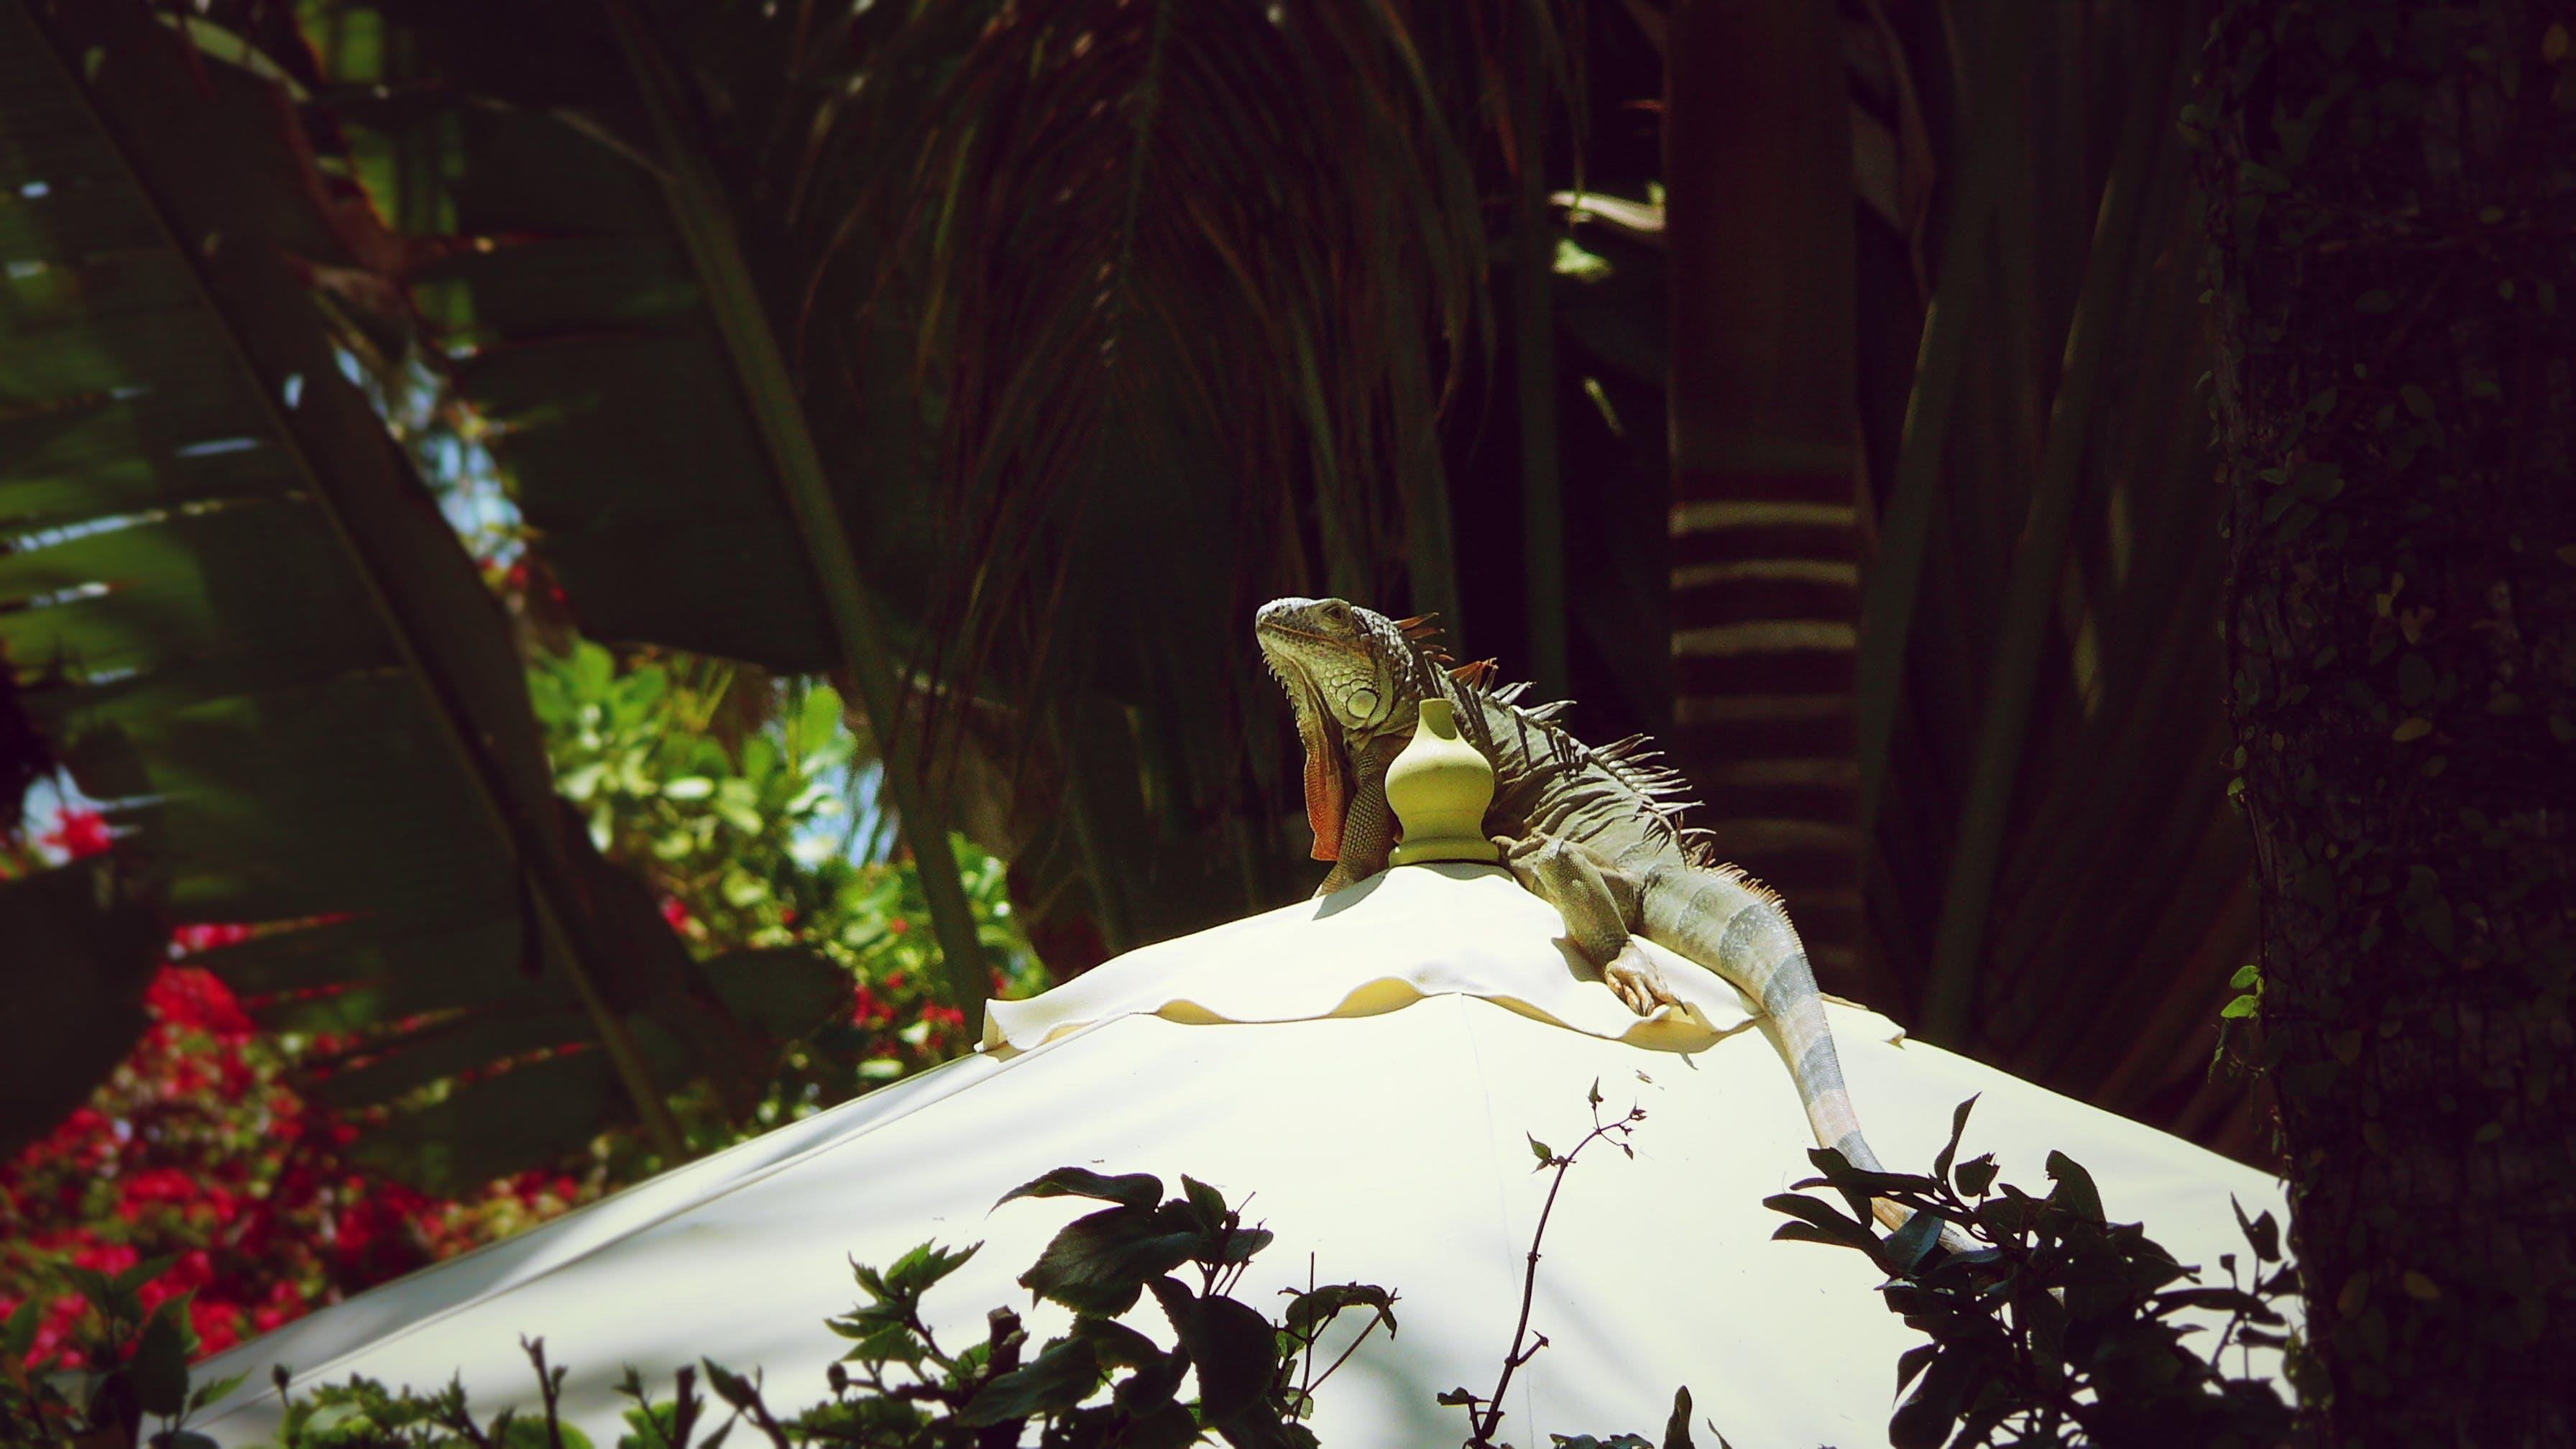 이구아나의 무료 스톡 사진